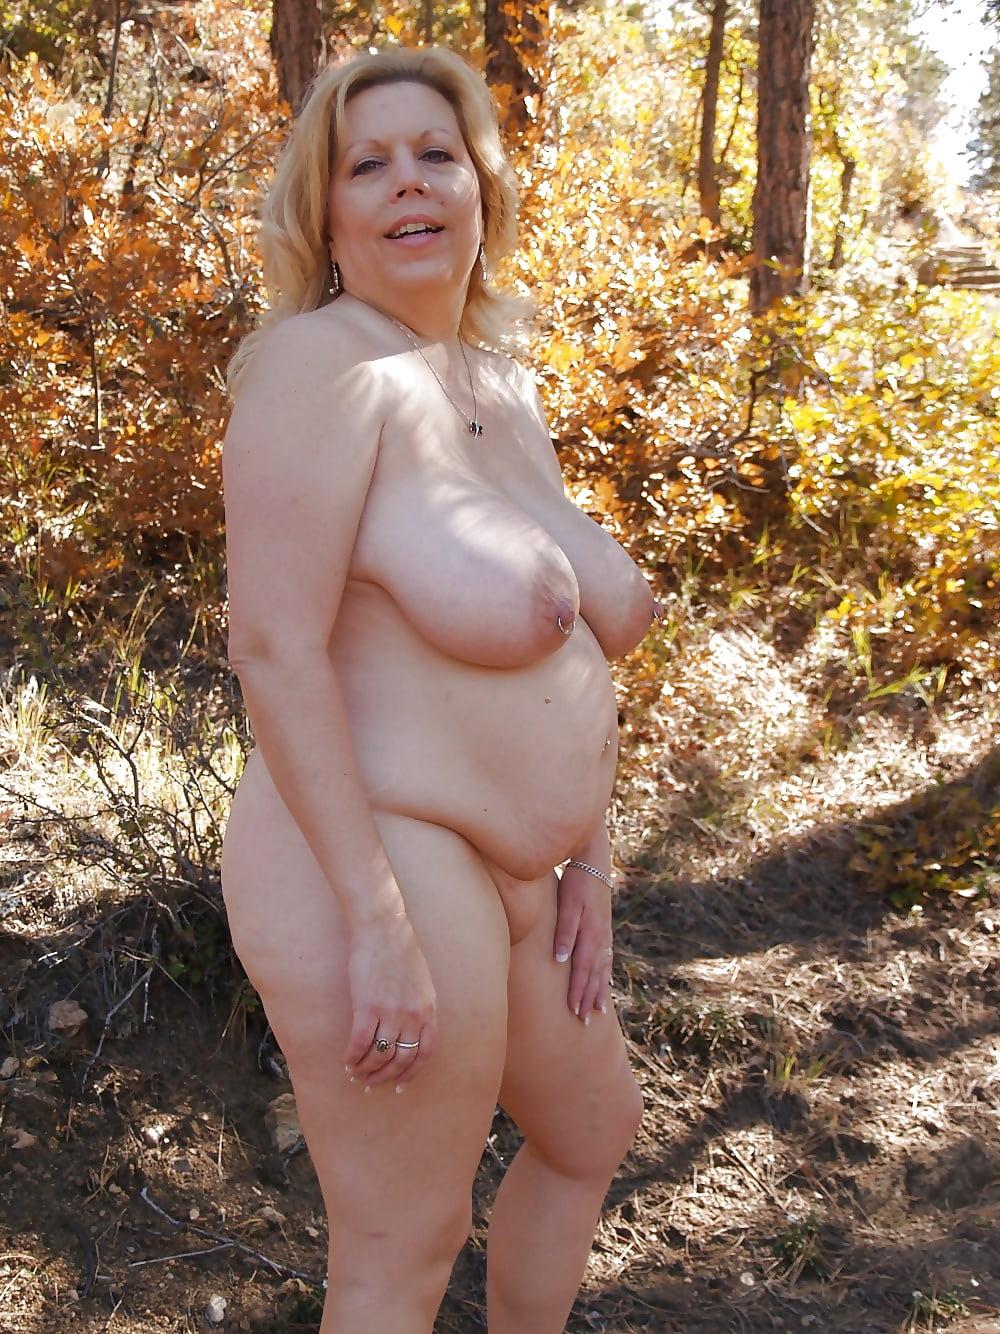 Ролики фото галереи голых пожилых баб крупно старушка порно случайное